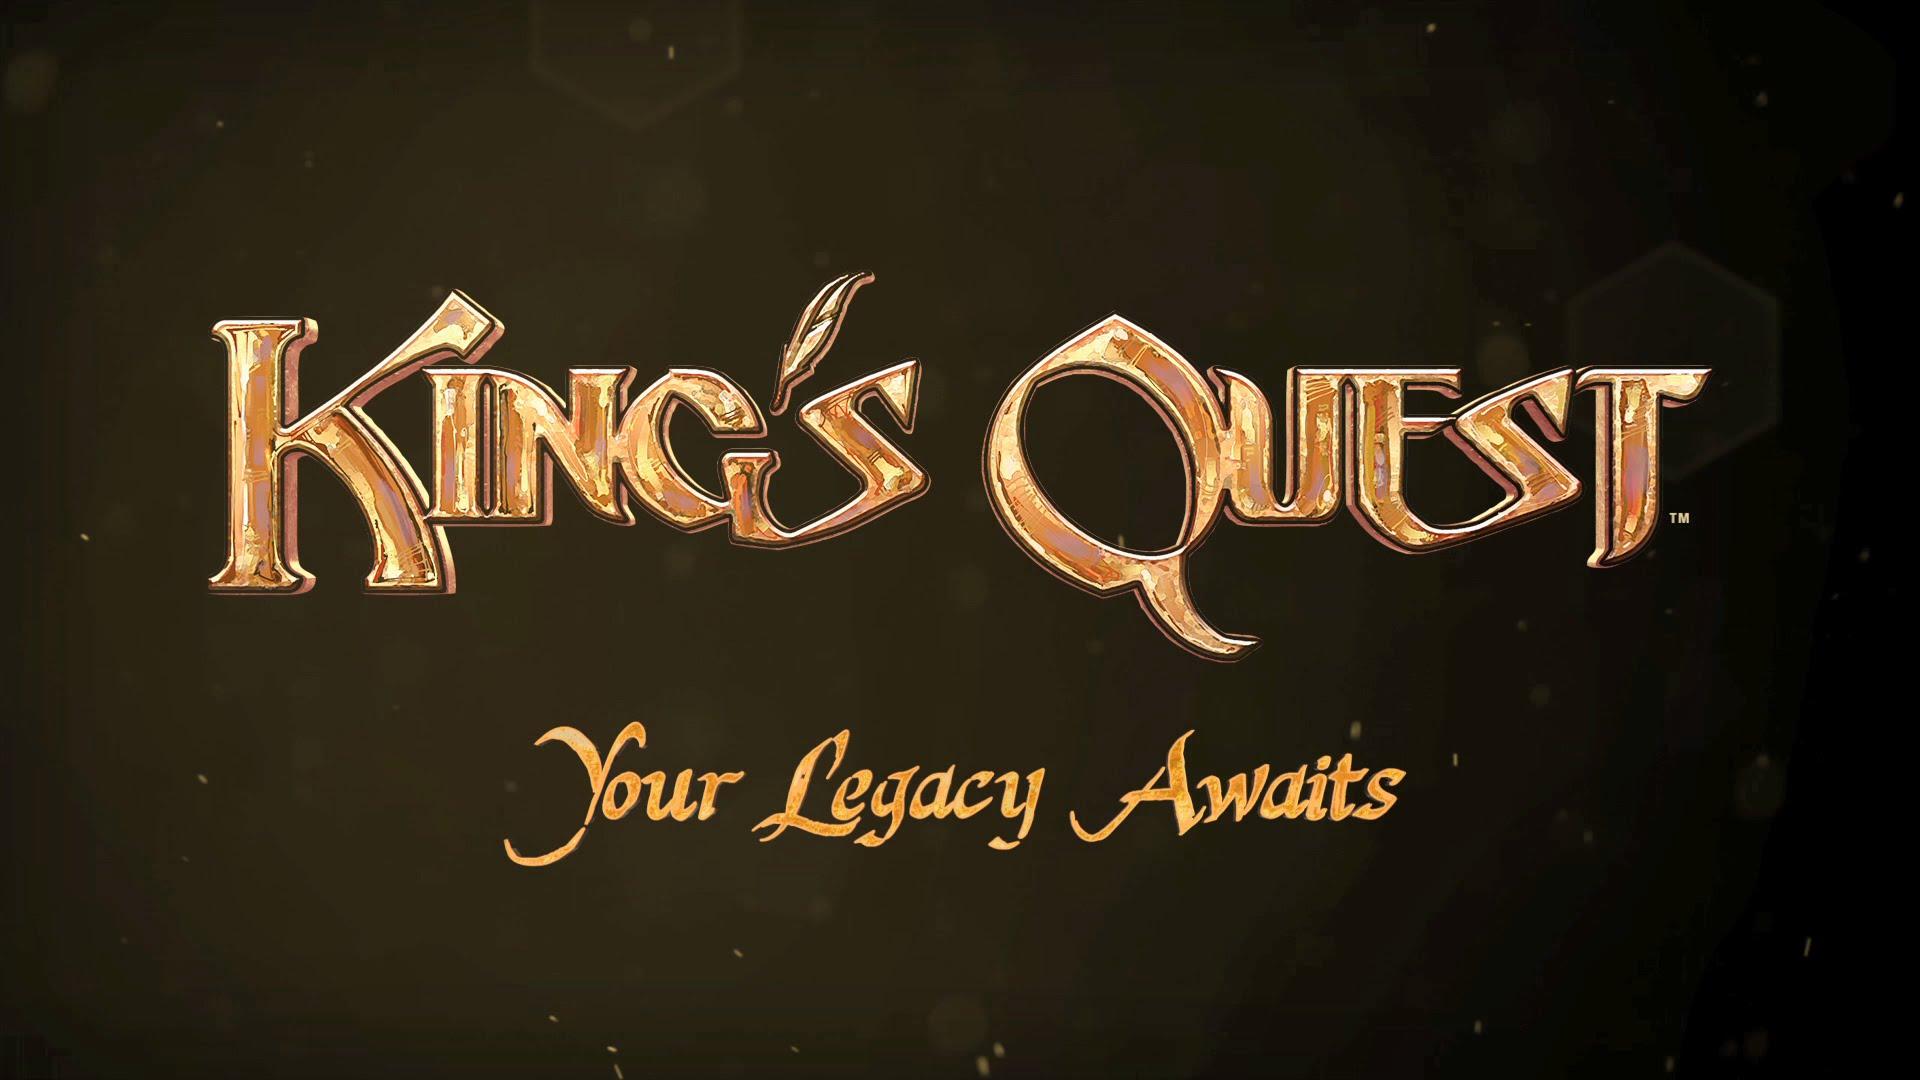 King's Quest von Sierra kehrt zurück